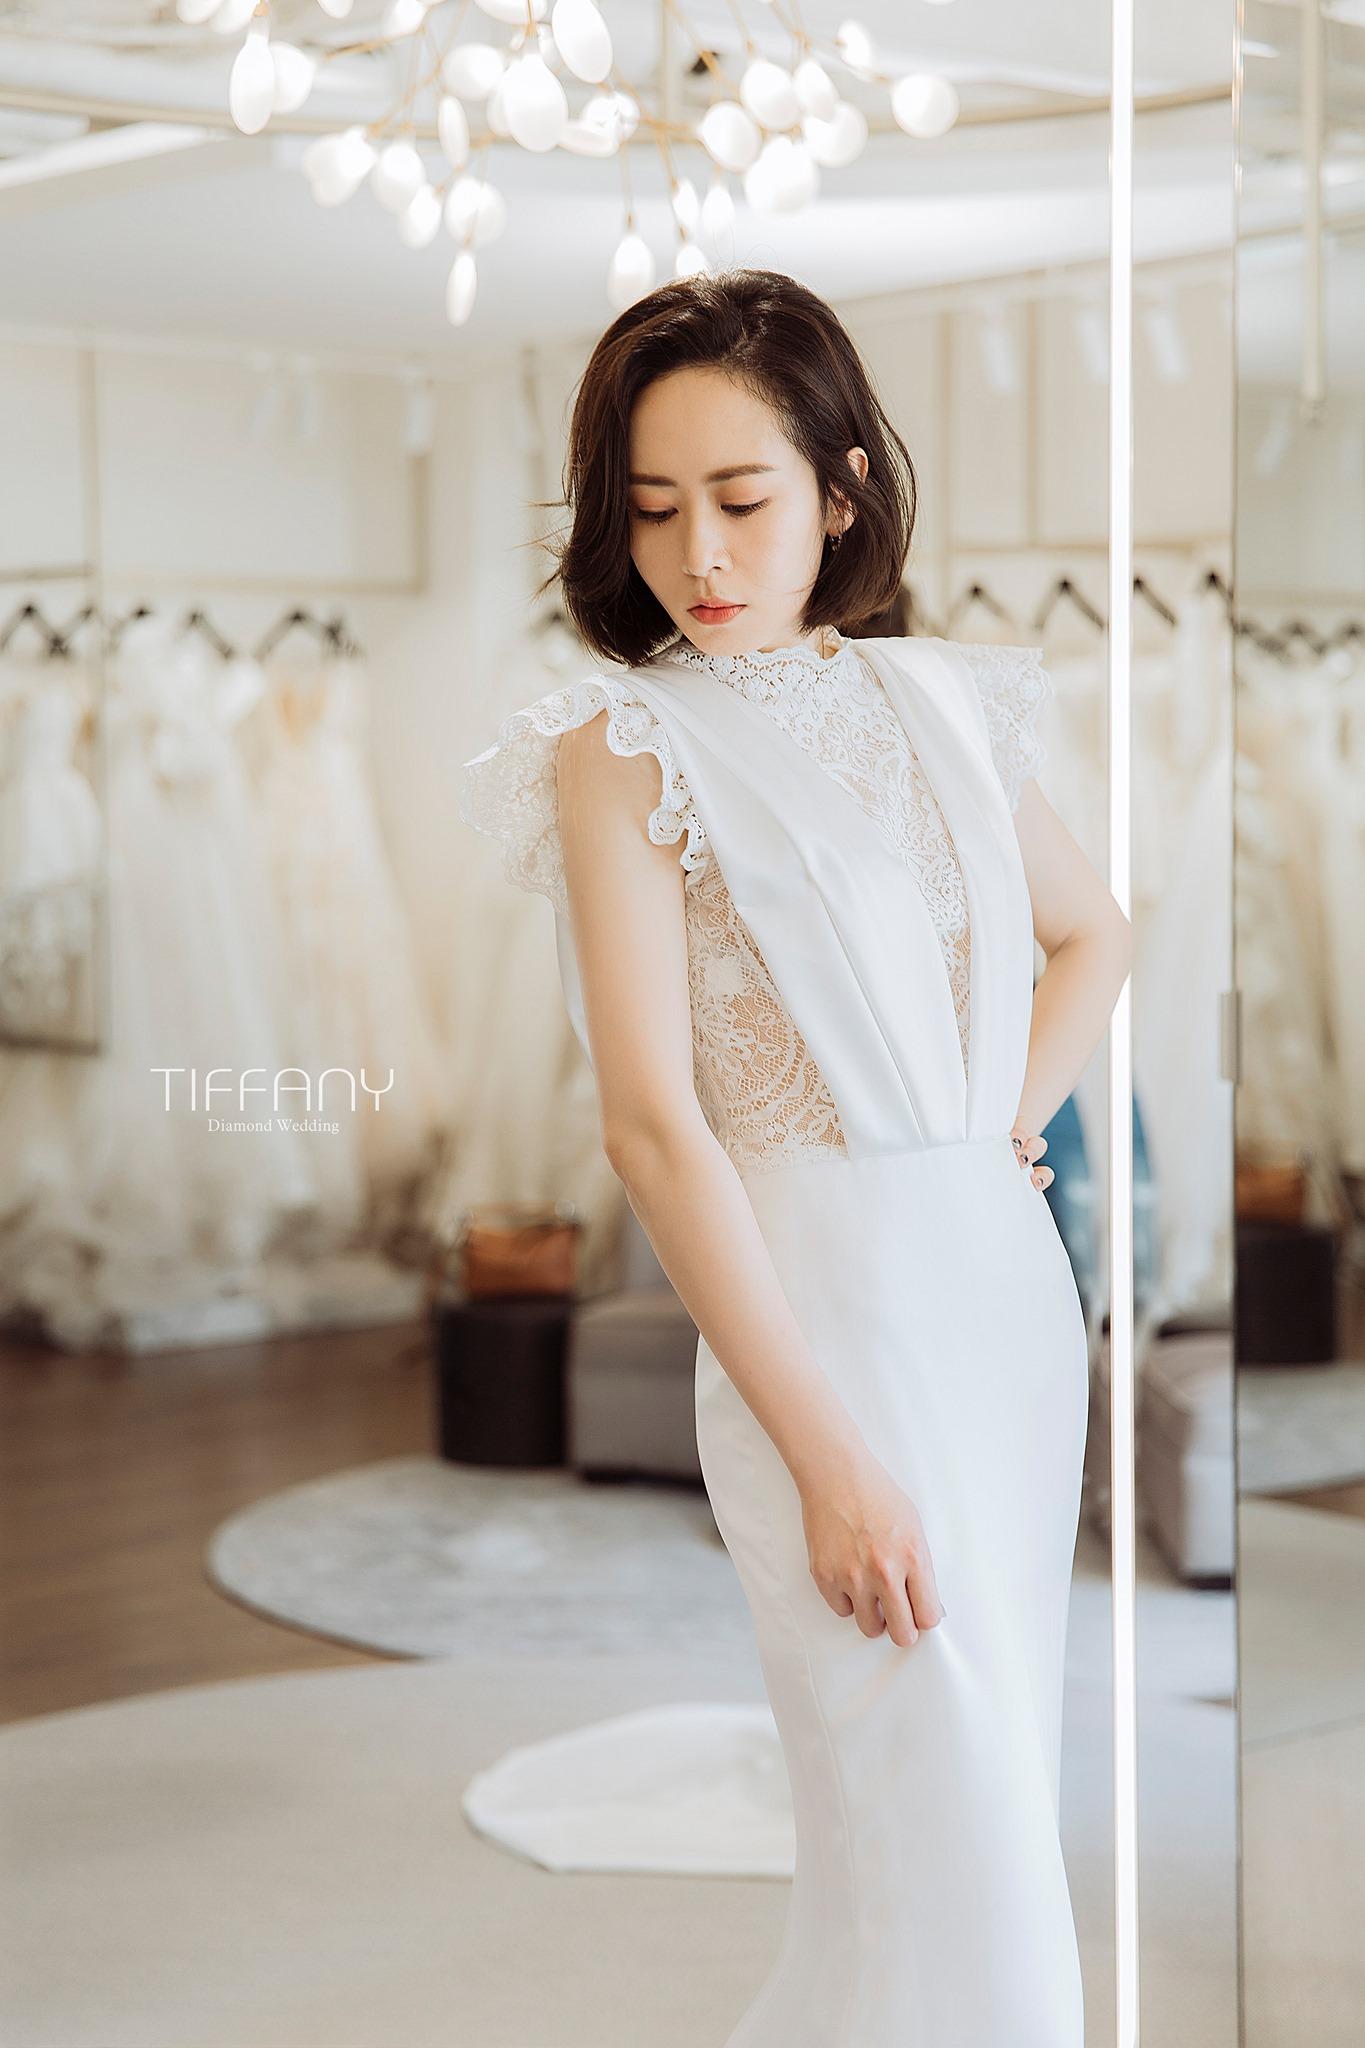 台中婚紗禮服 女神款白紗 帝芬妮精品婚紗